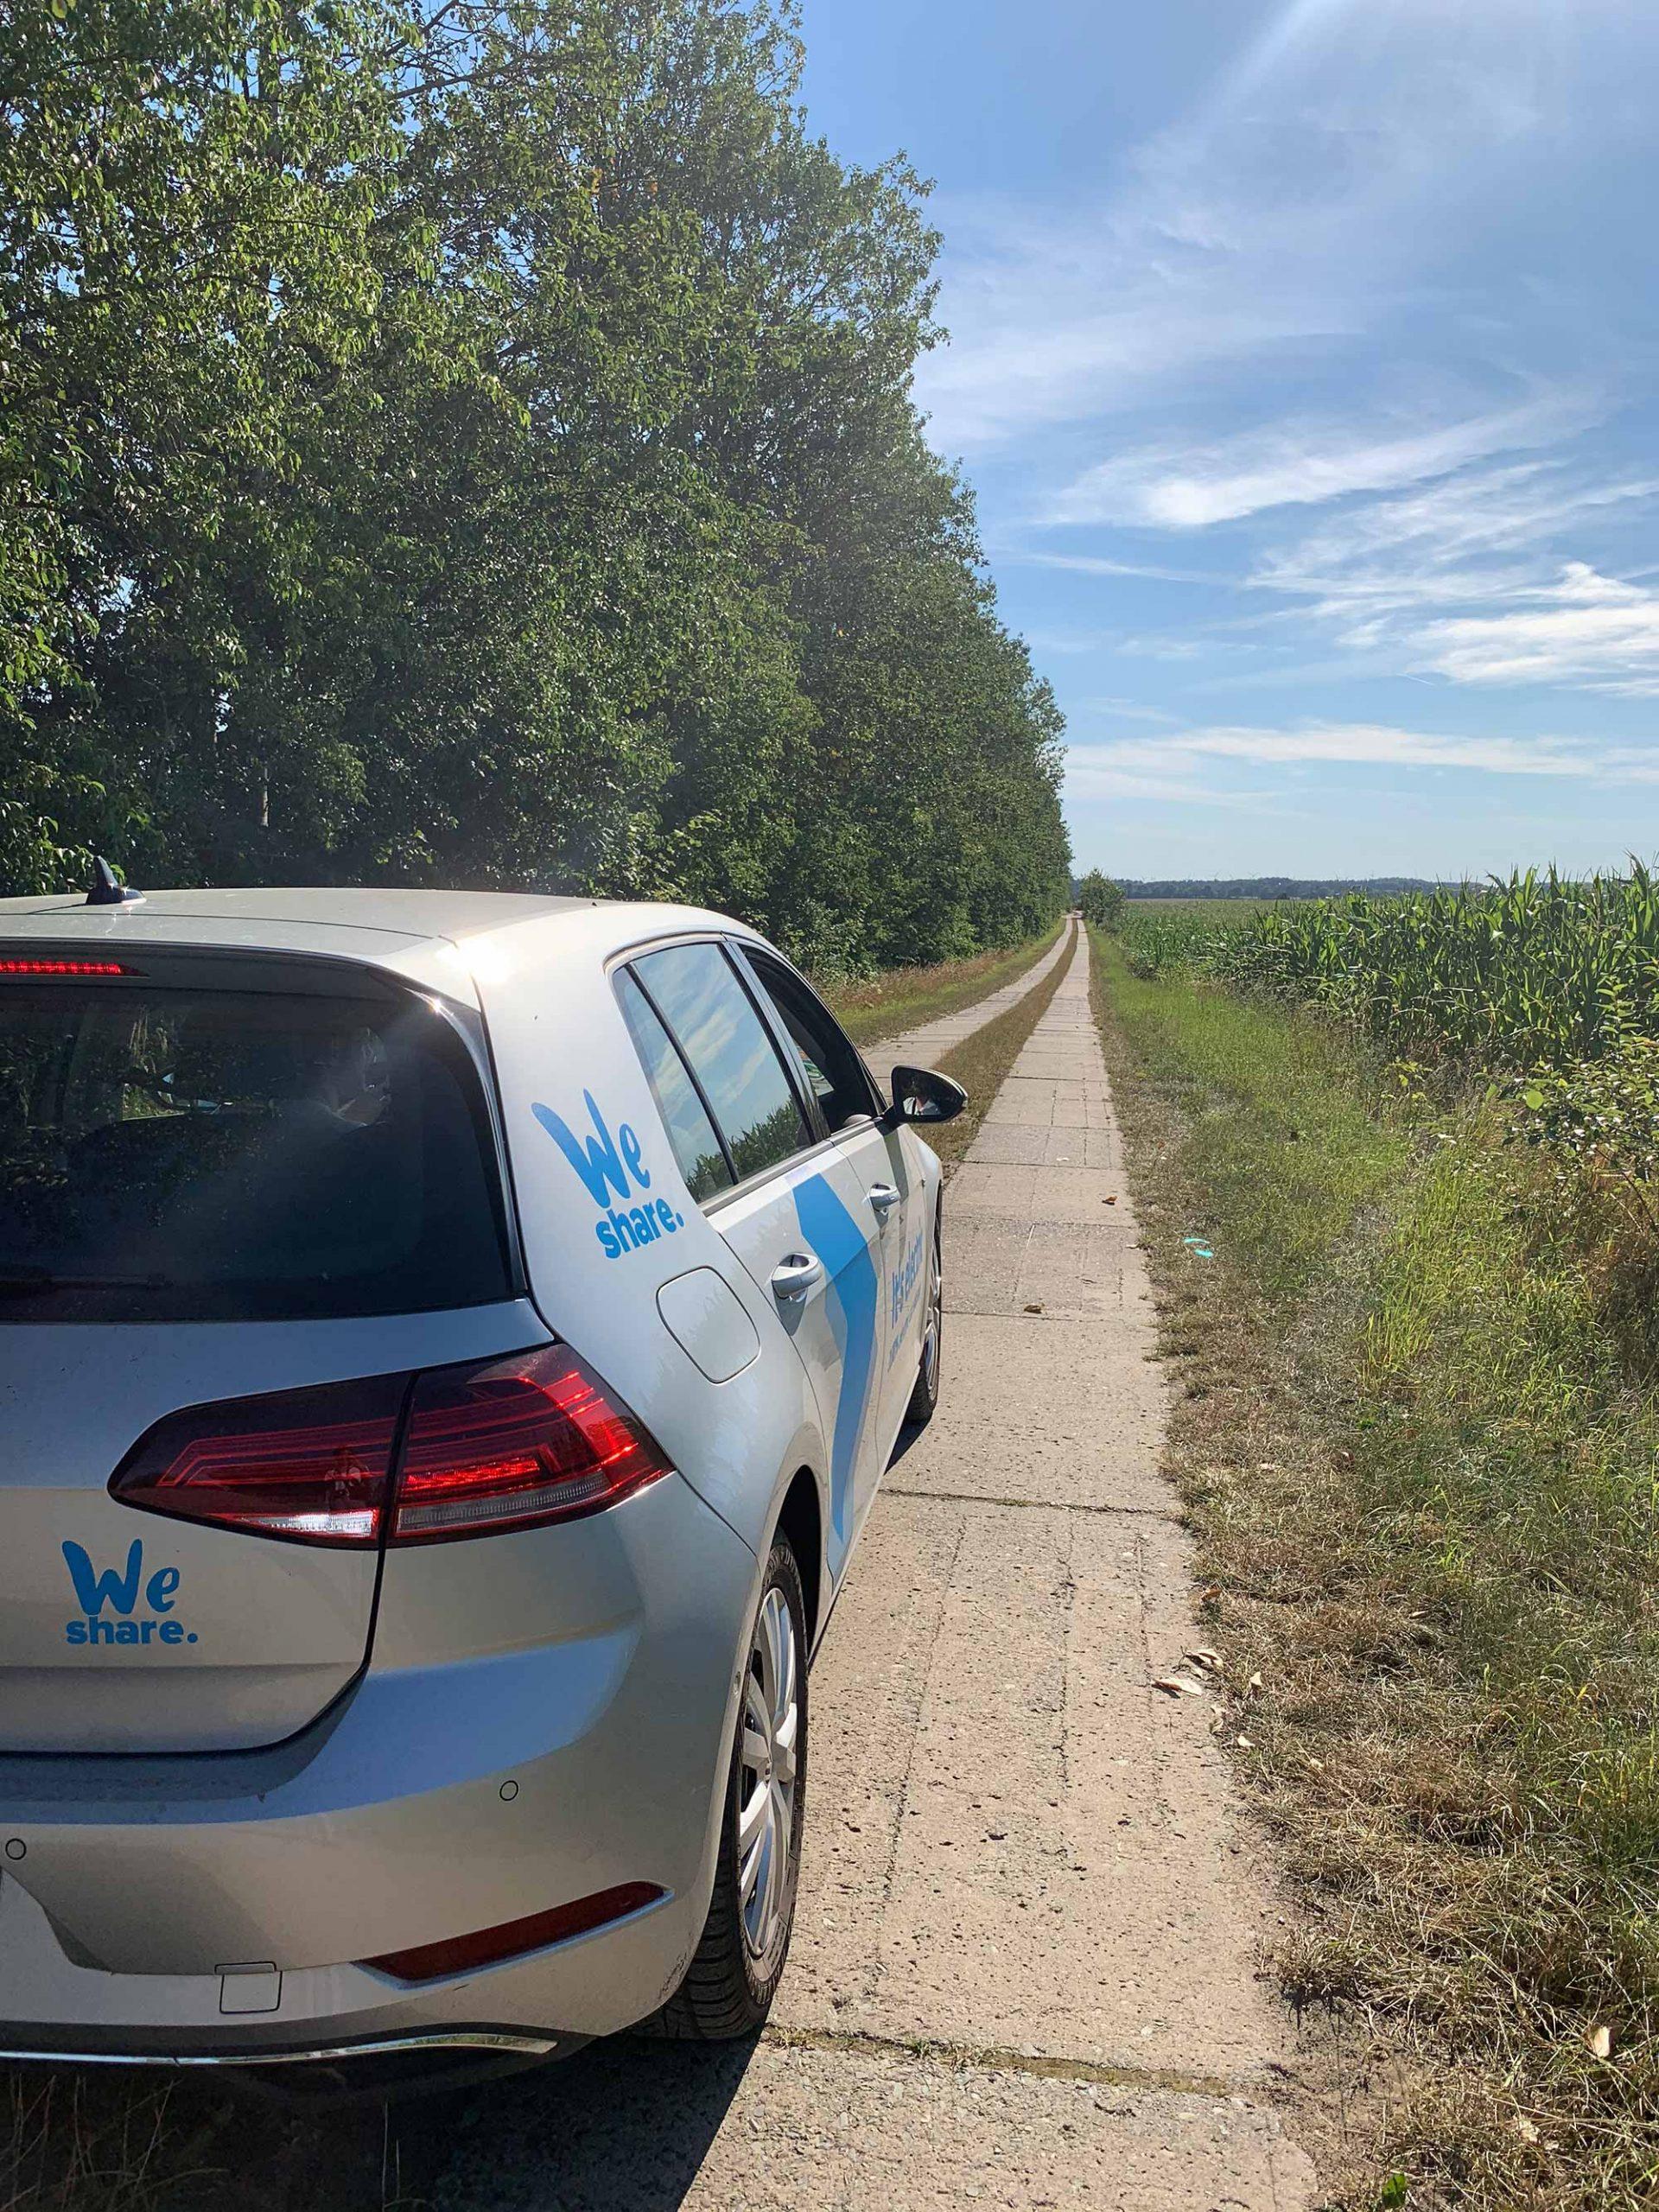 Mit WeShare zum Coworking ins grüne Brandenburg fahren